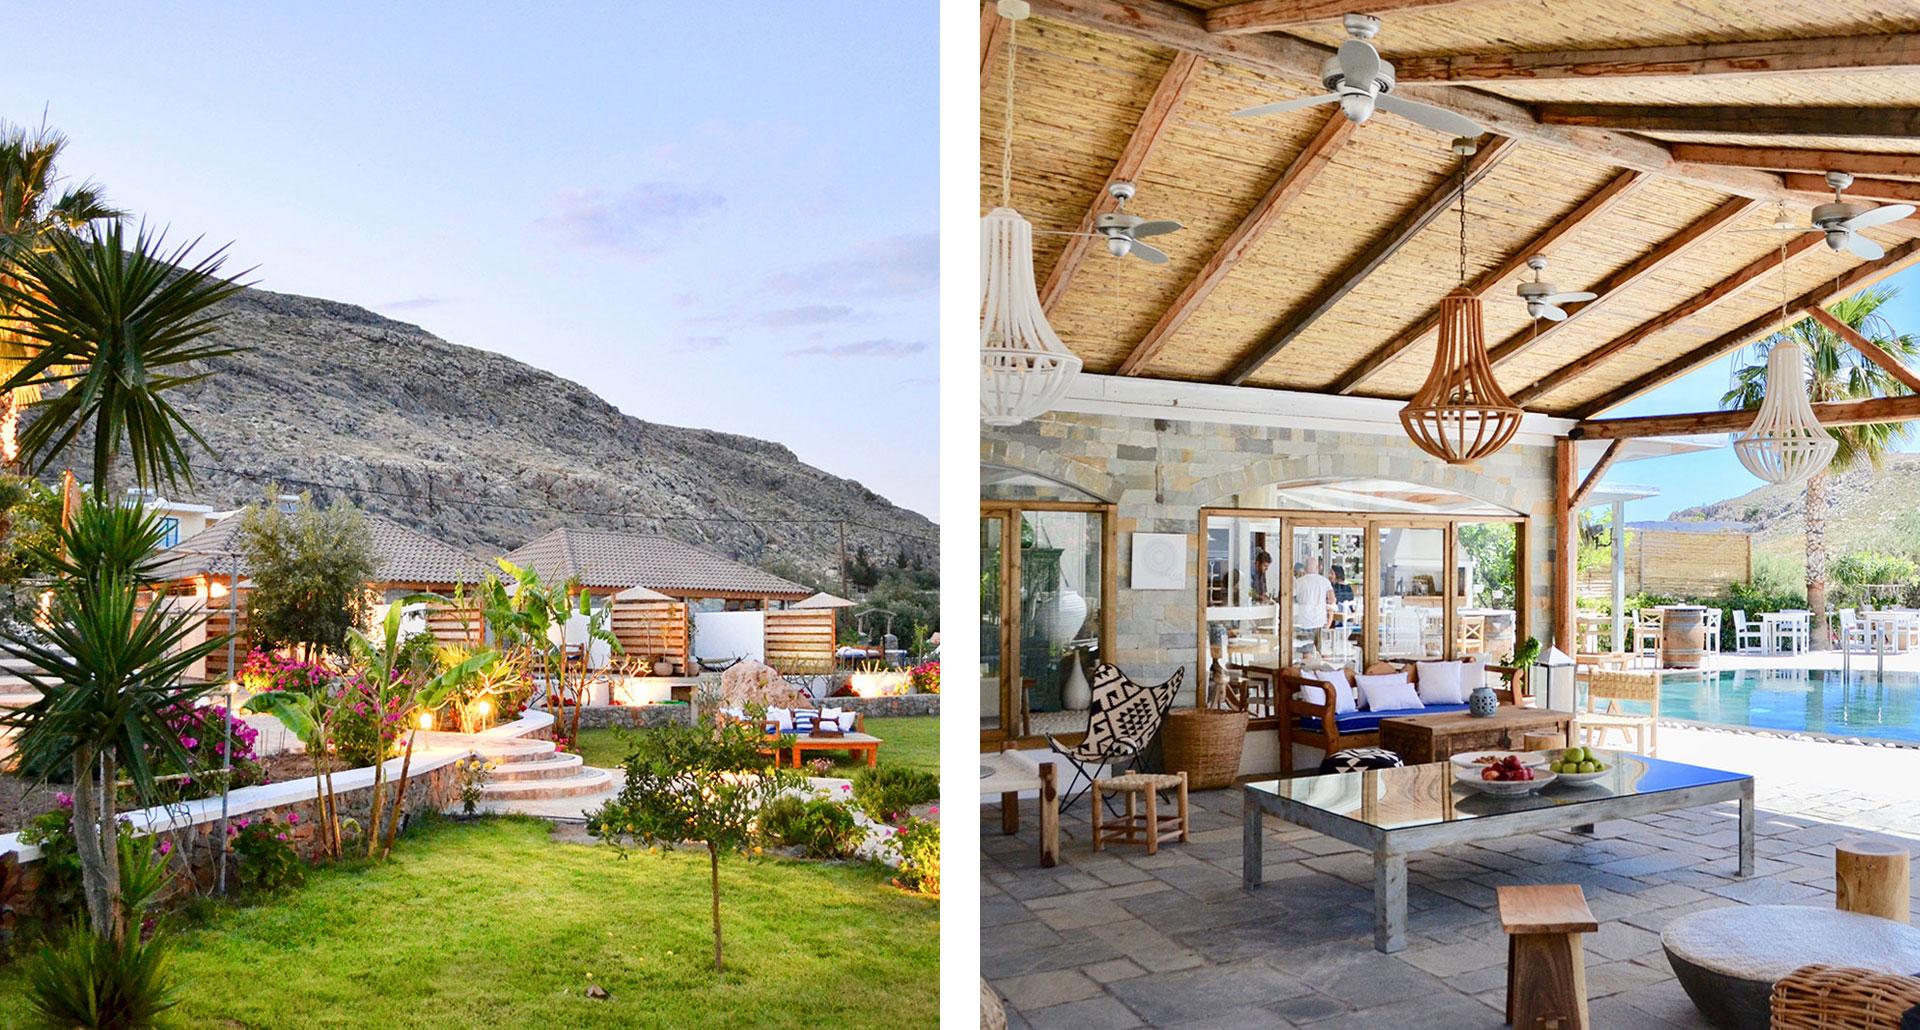 Caesars Gardens Hotel & Spa - boutique hotel in Rhodes